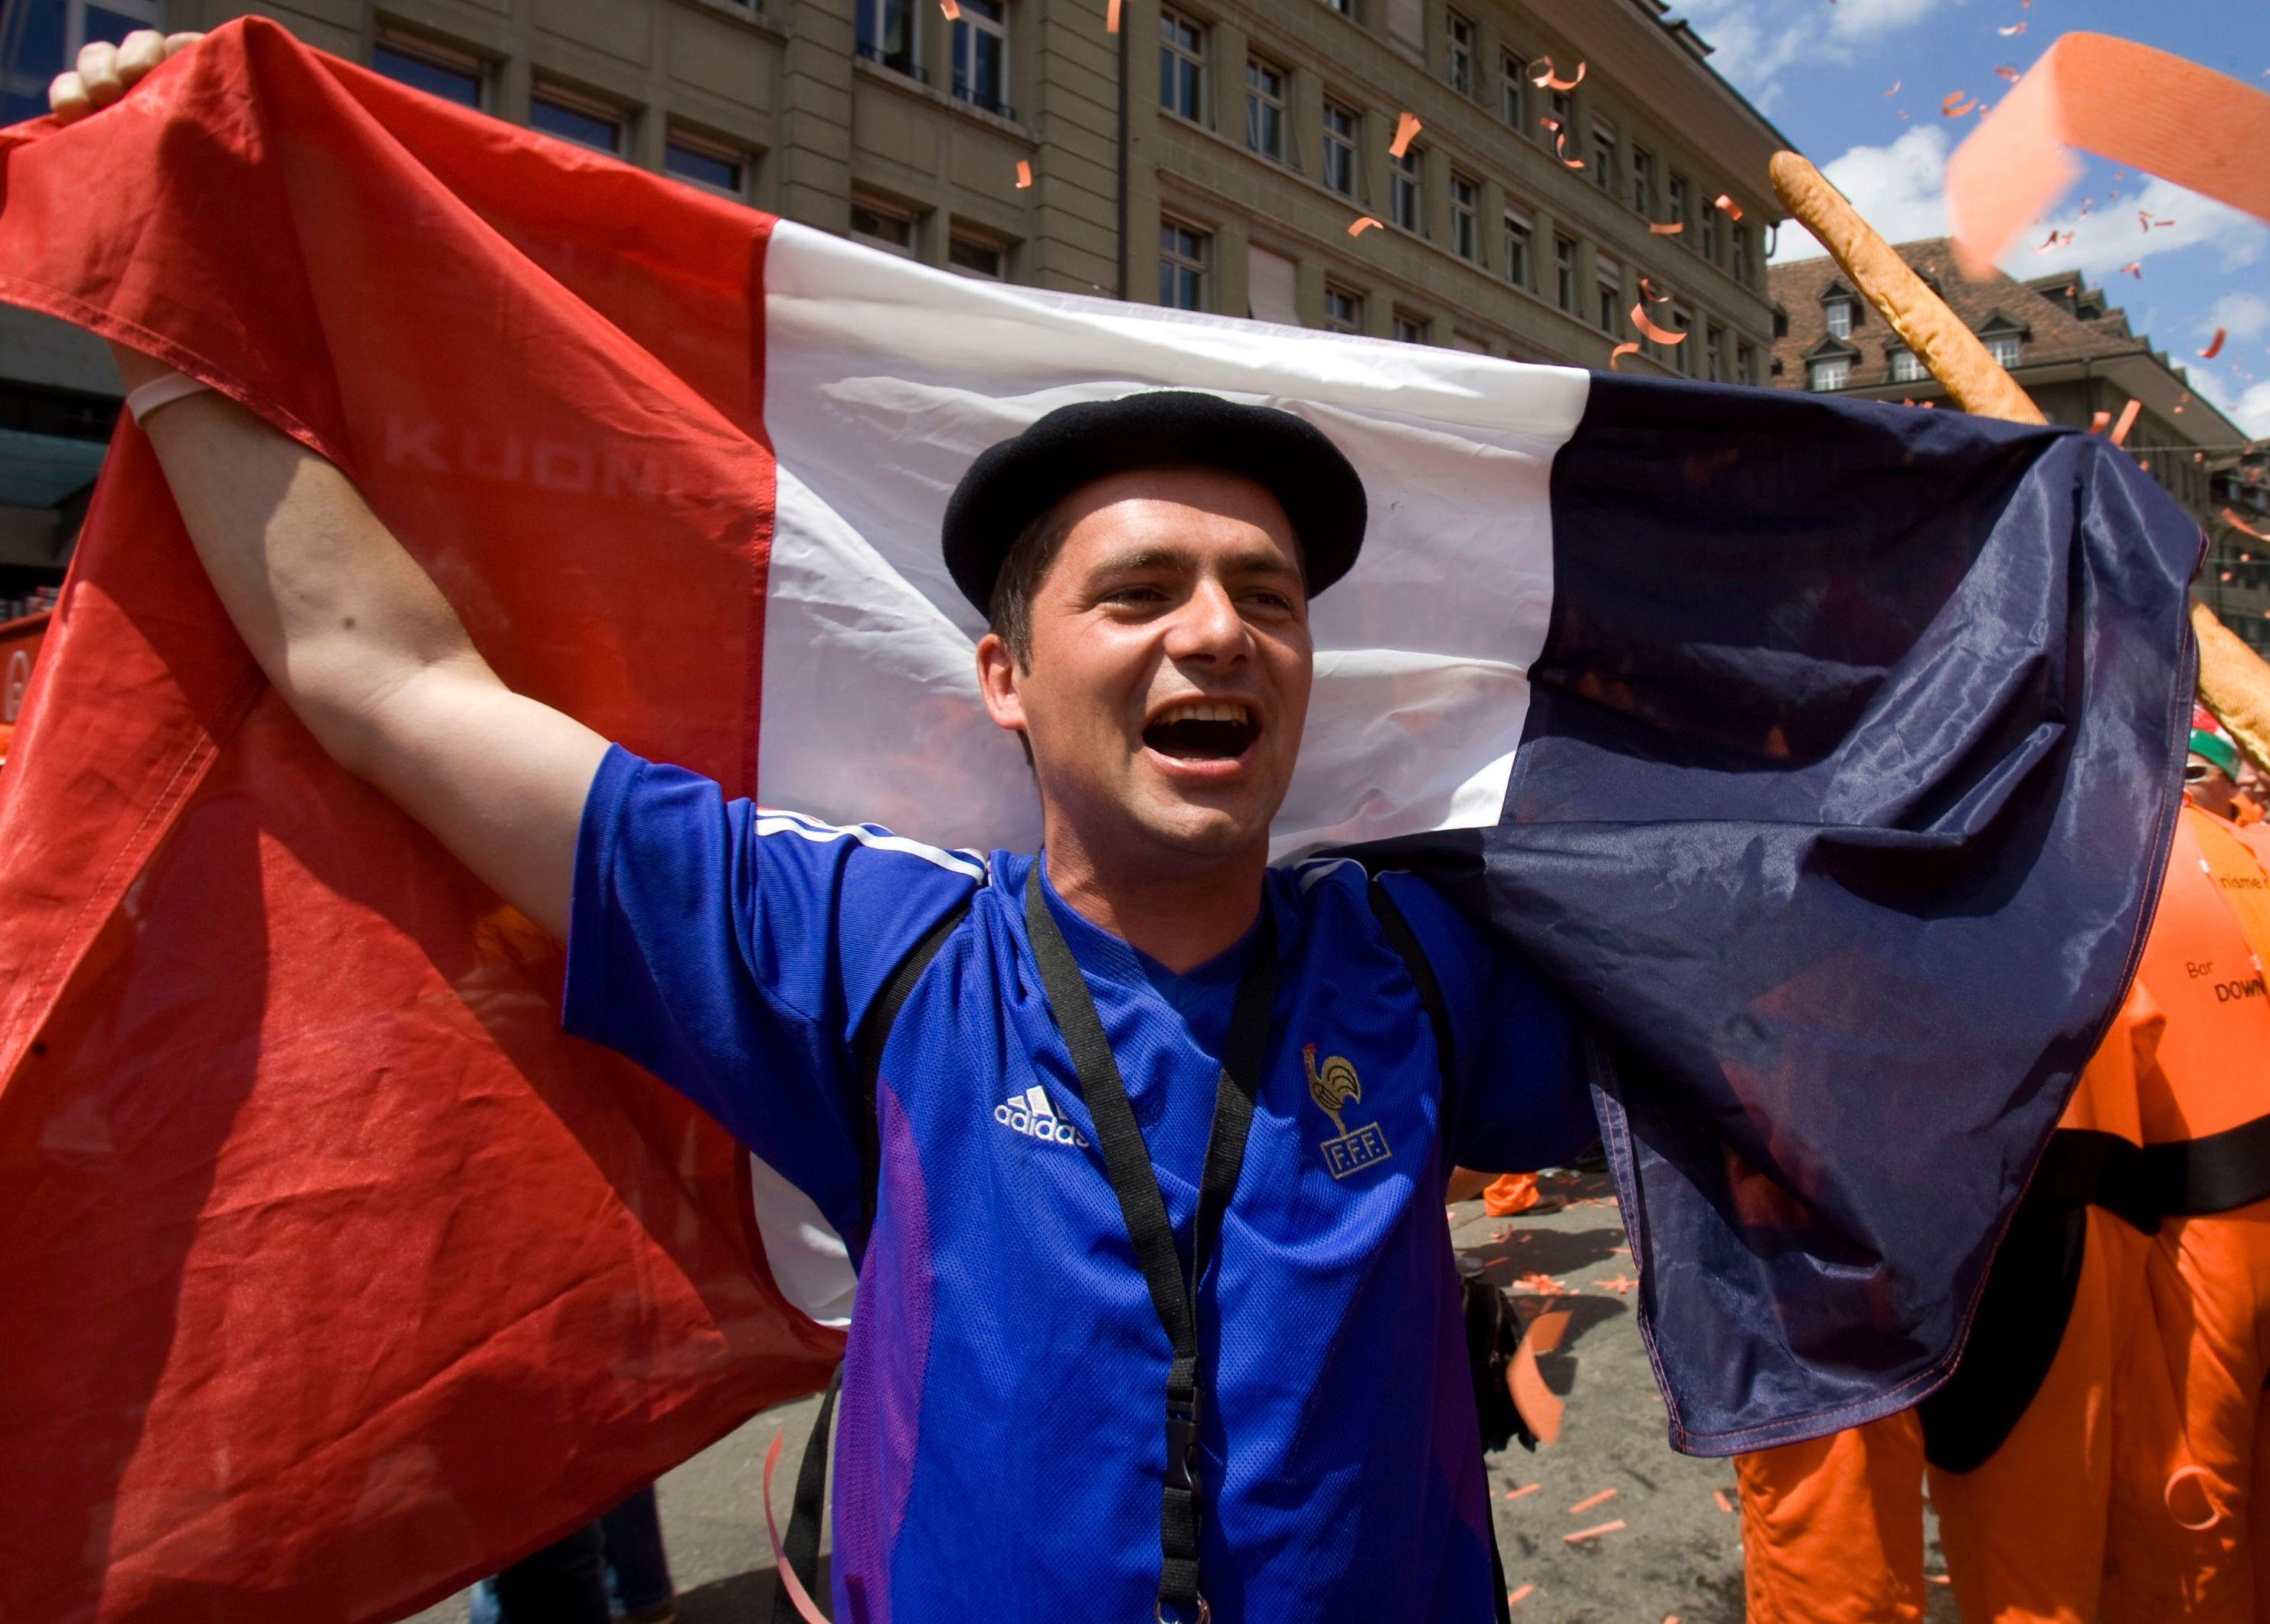 L'art d'être français d'Emmanuel Macron : plus d'humanité affichée dans les mots, pas assez de chair dans le discours